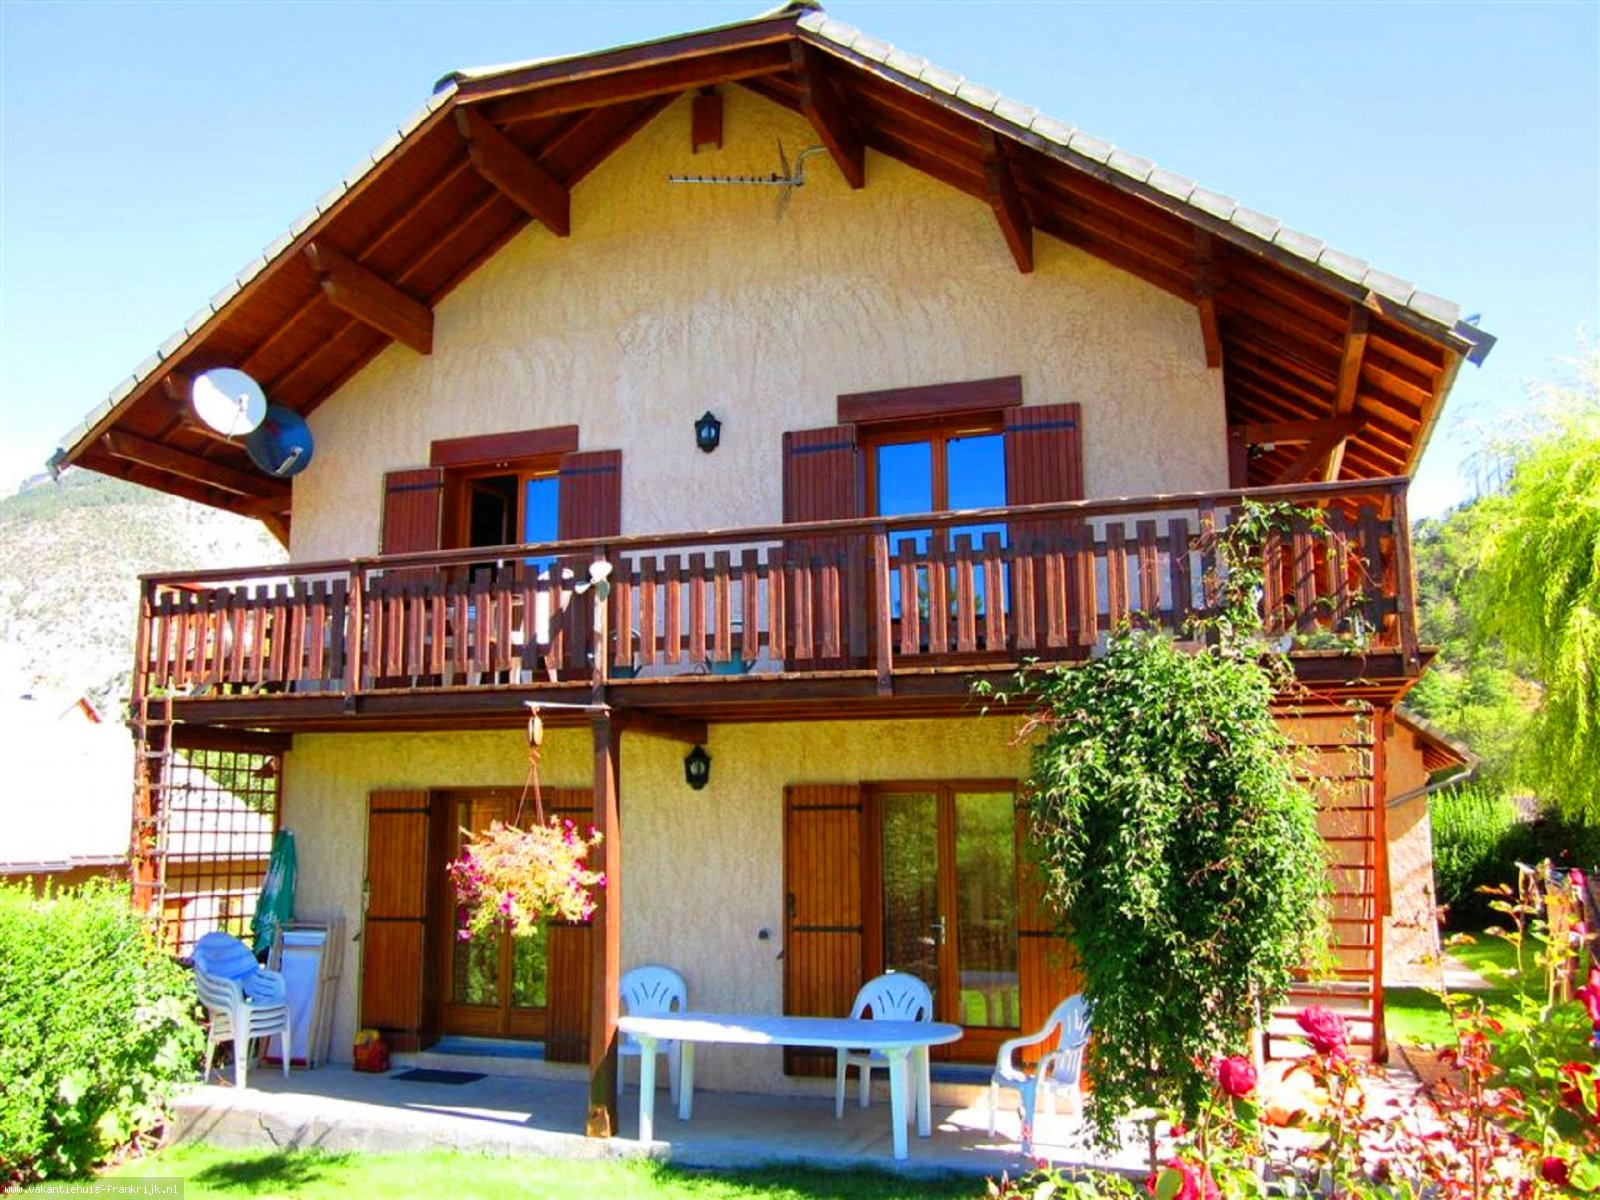 Vakantiehuis: Zon & Rust & Natuur - Provençaalse Zuid Alpen te huur voor uw vakantie in Hautes Alpen (Frankrijk)